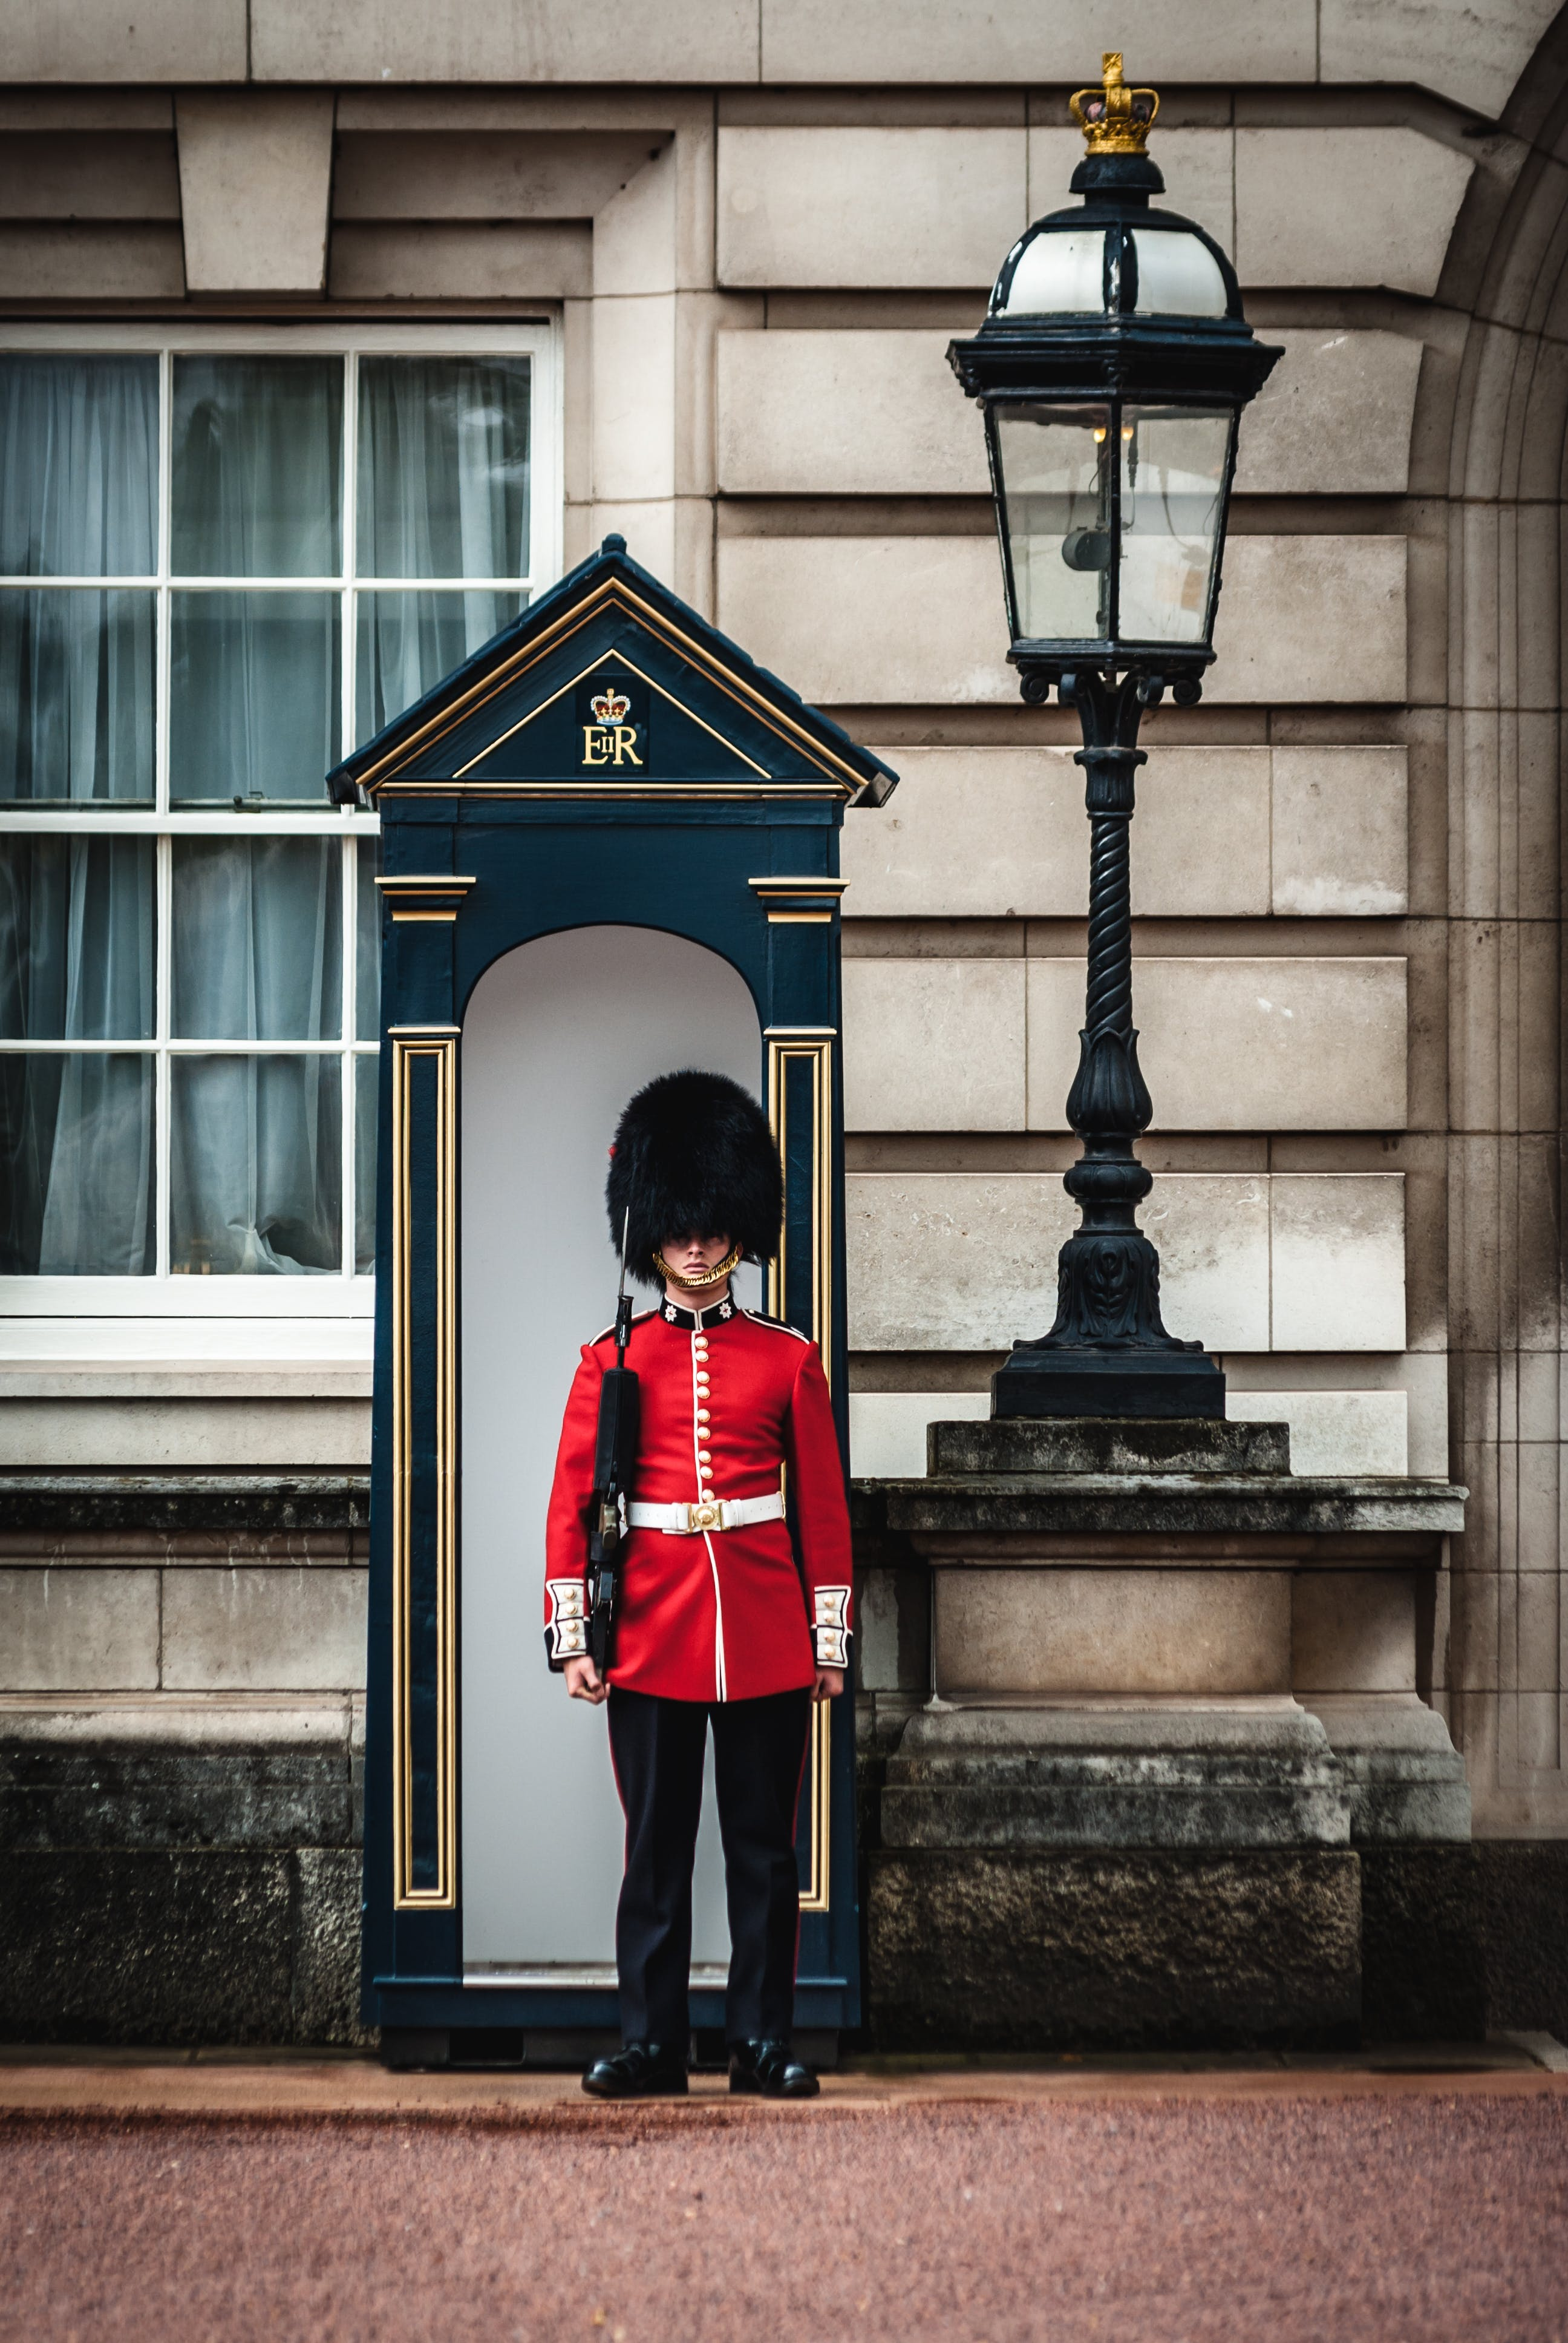 Kostenloses Stock Foto zu bewachen, burg, england, großbritannien